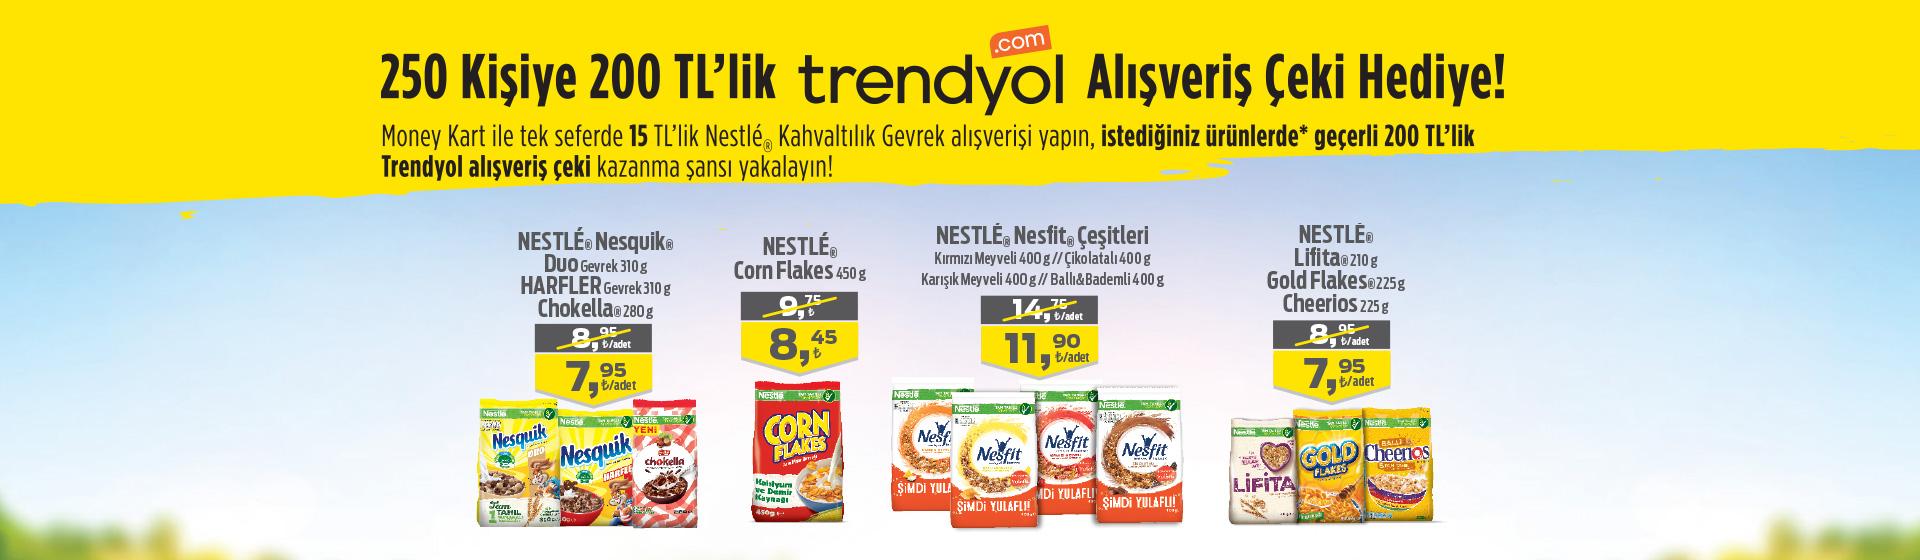 Trendyol & Nestle Çekiliş Kampanyası